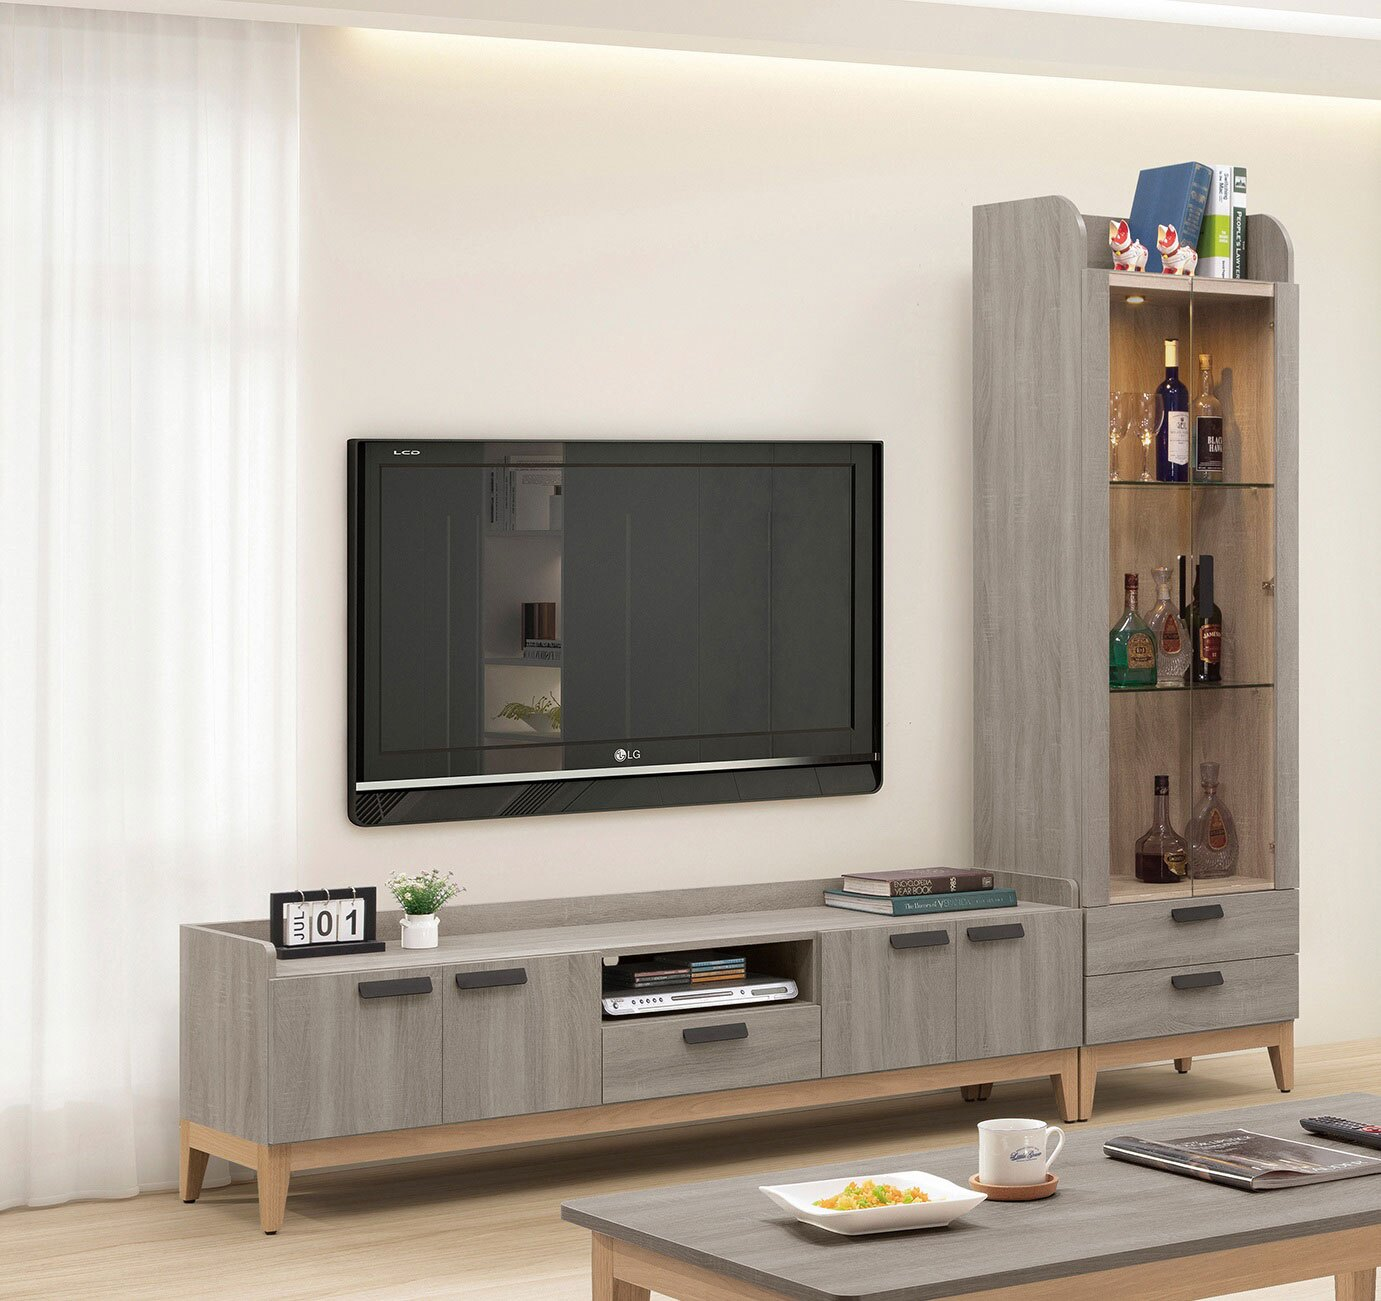 簡單家具,W356-2 天路6尺電視櫃(另售2尺展示櫃),大台北都會區免運費